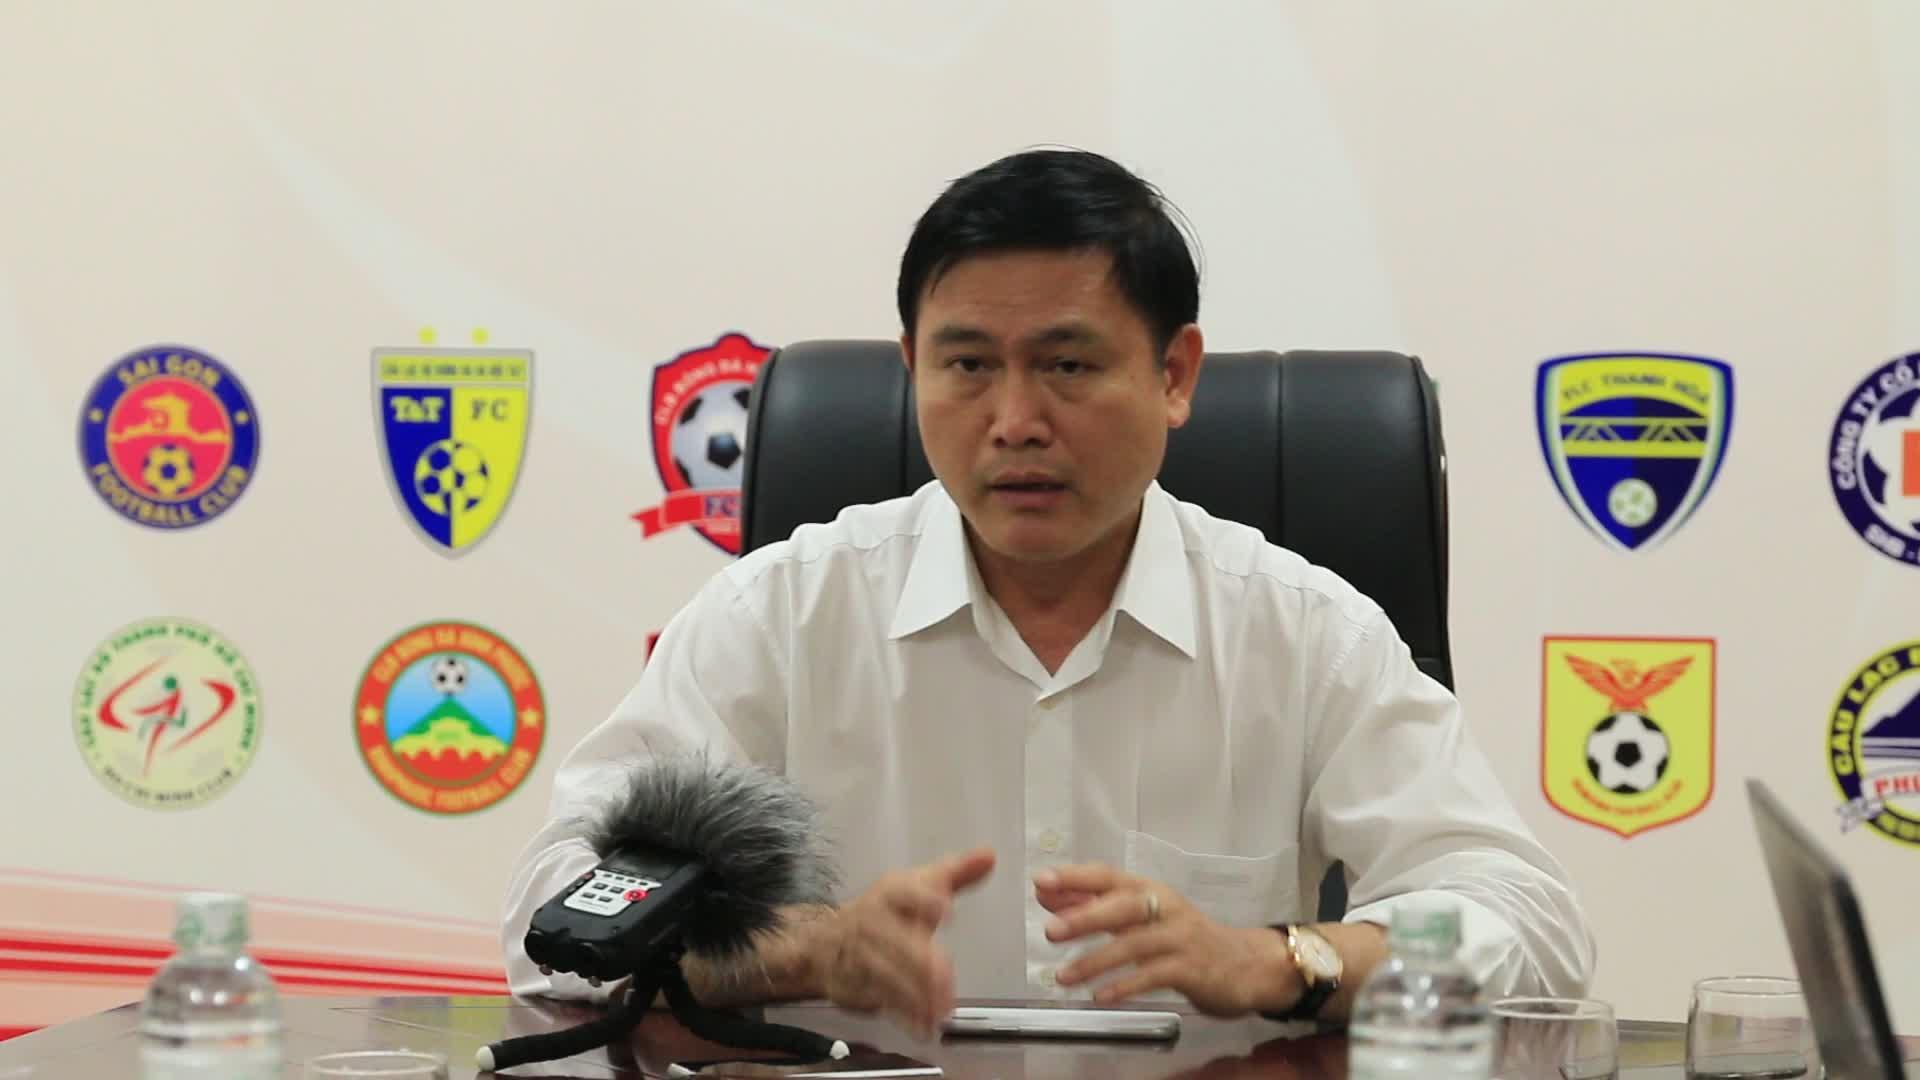 Bầu Tú phát biểu tại buổi họp (Clip: Nguyễn Trường Giang)